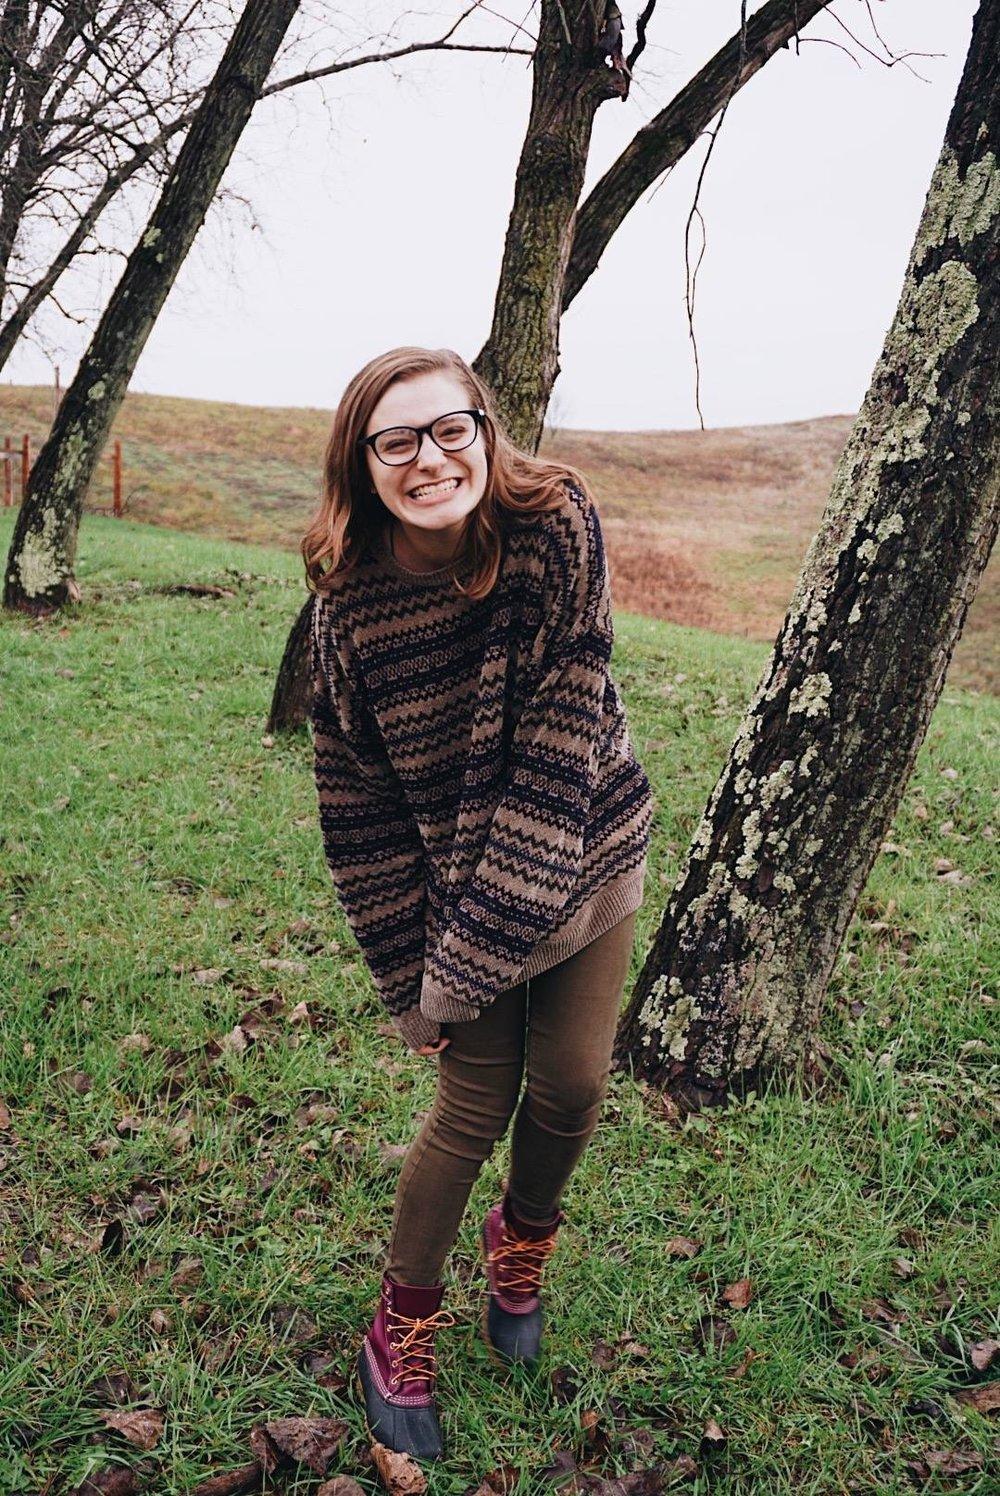 Tiana delorge - Missionary, tiana@dirtyvagabond.com